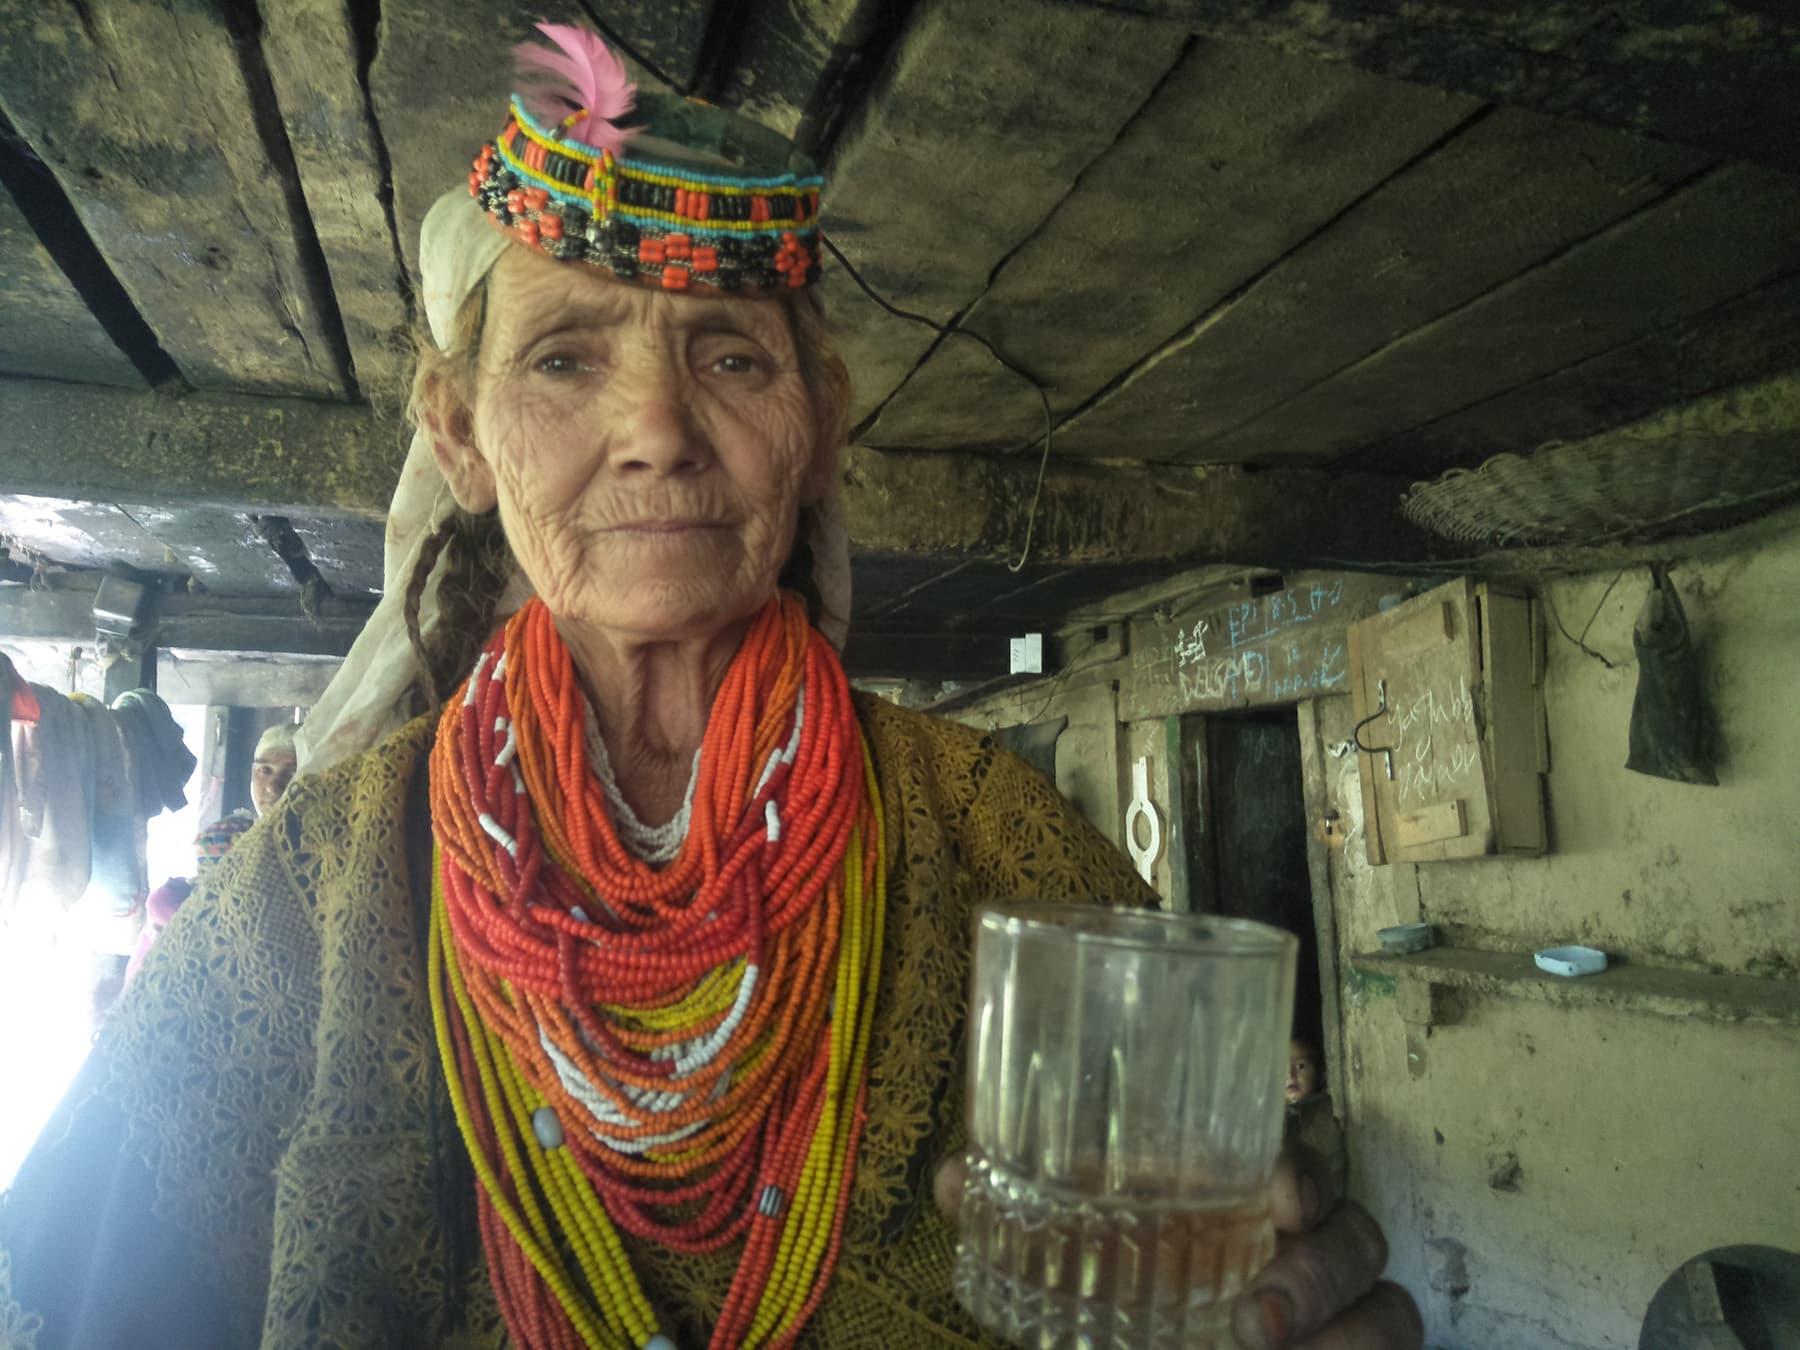 بزرگ خاتوں نے ہمارے سامنے شراب کے ایک دو گلاس بھی رکھ دیے—تصویر عظمت اکبر